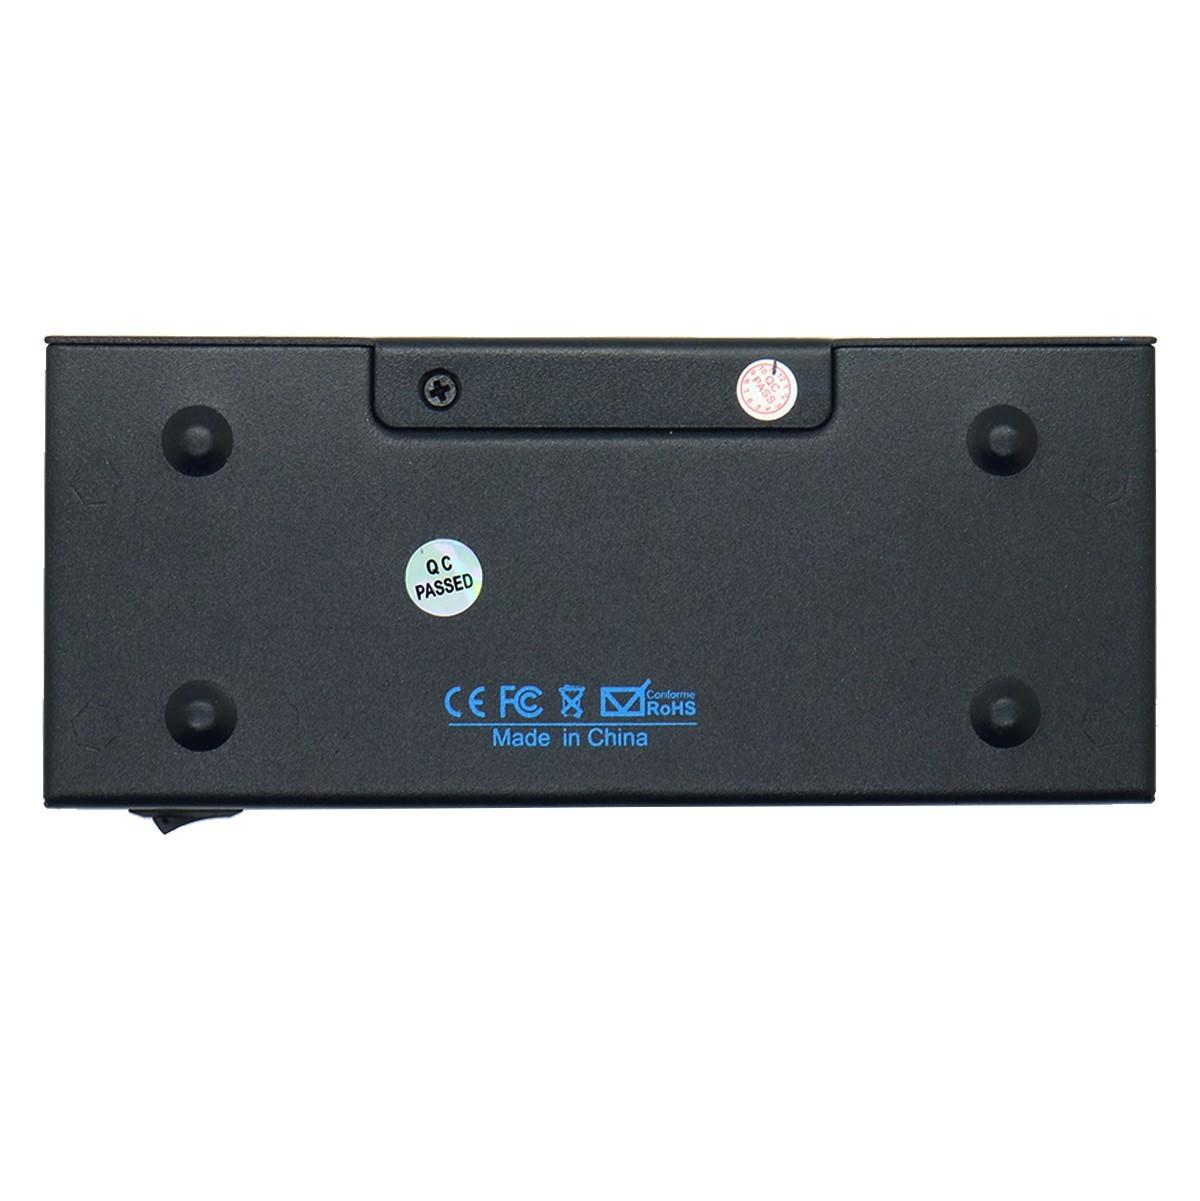 Voxlink 1.4 HDMI 1x4 Splitter HDCP 3D Resolution 4k*2k Distributor